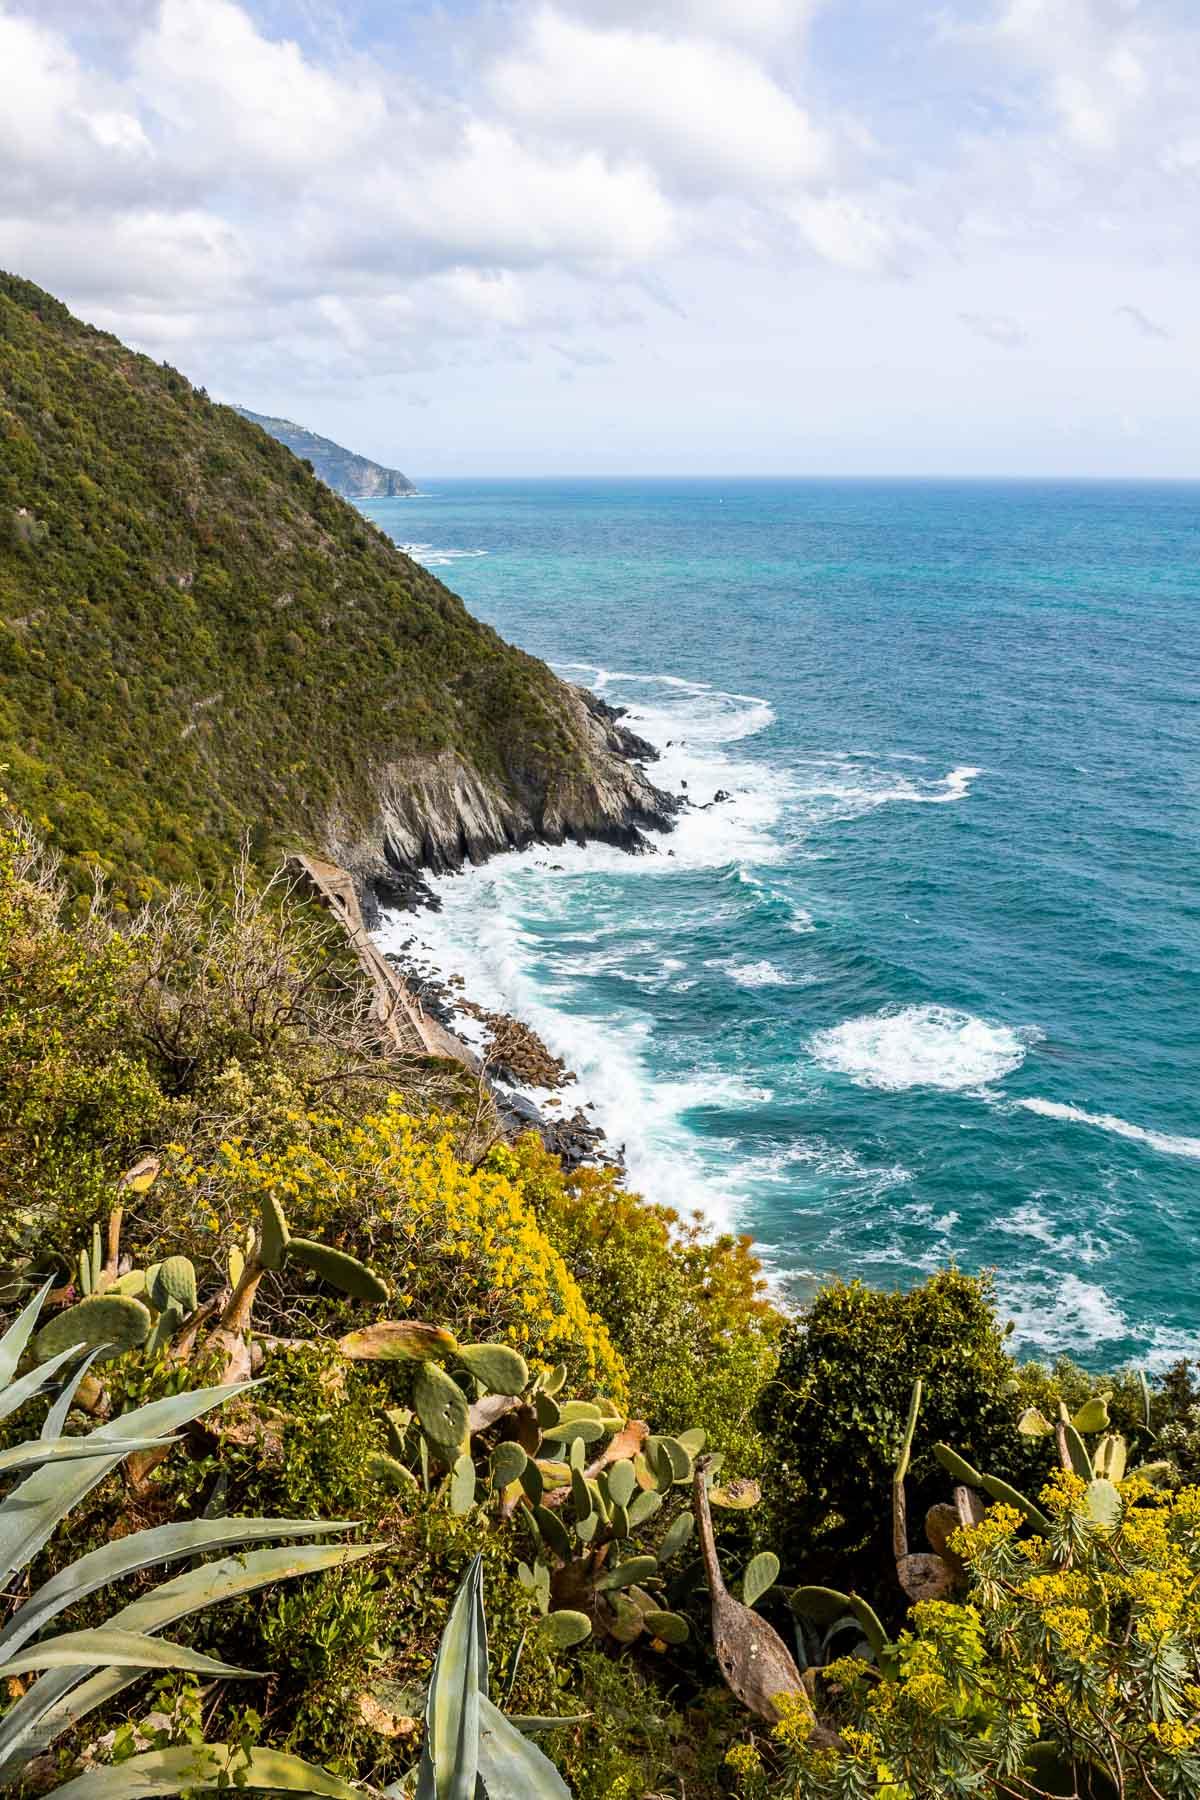 Coastline at Cinque Terre, Italy